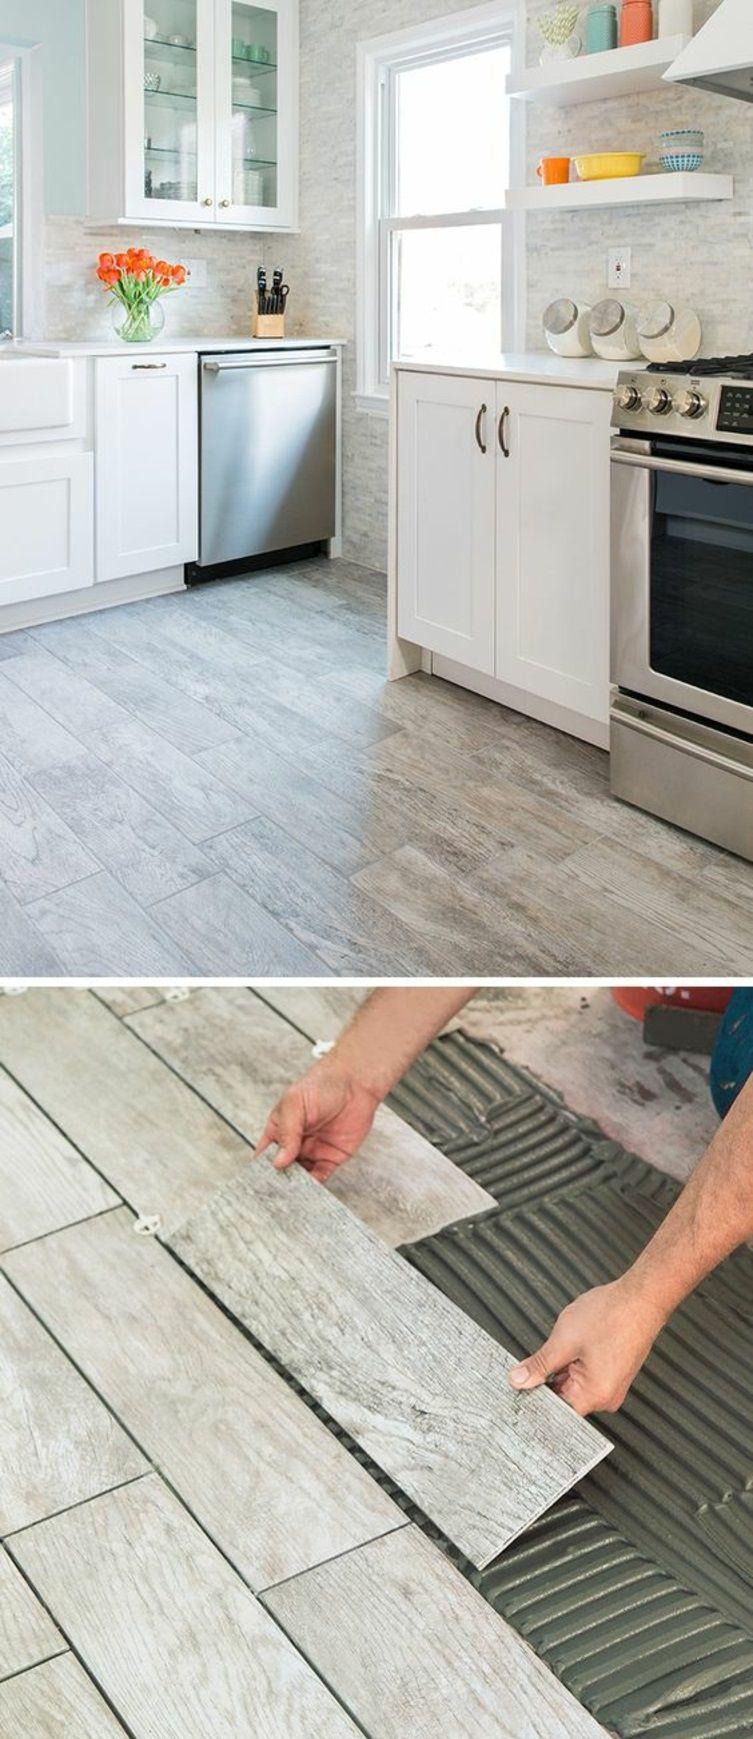 awesome Wohnung renovieren Laminat verlegen Küche Bodenbelag Check ...